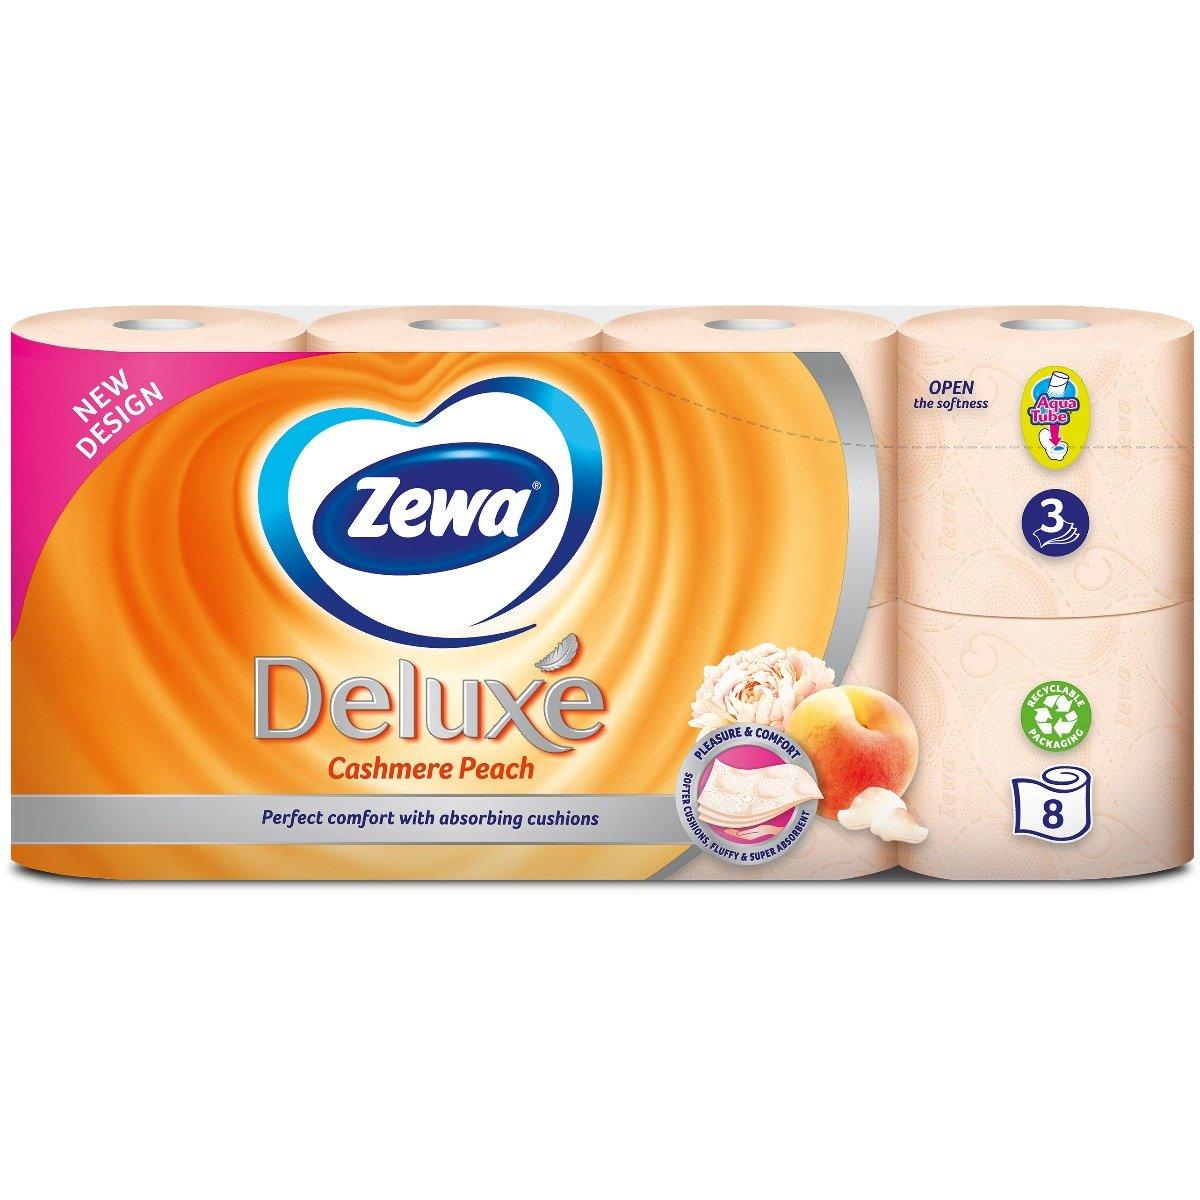 Hartie igienica Zewa Deluxe Cashmere Peach, 3 straturi, 8 role imagine